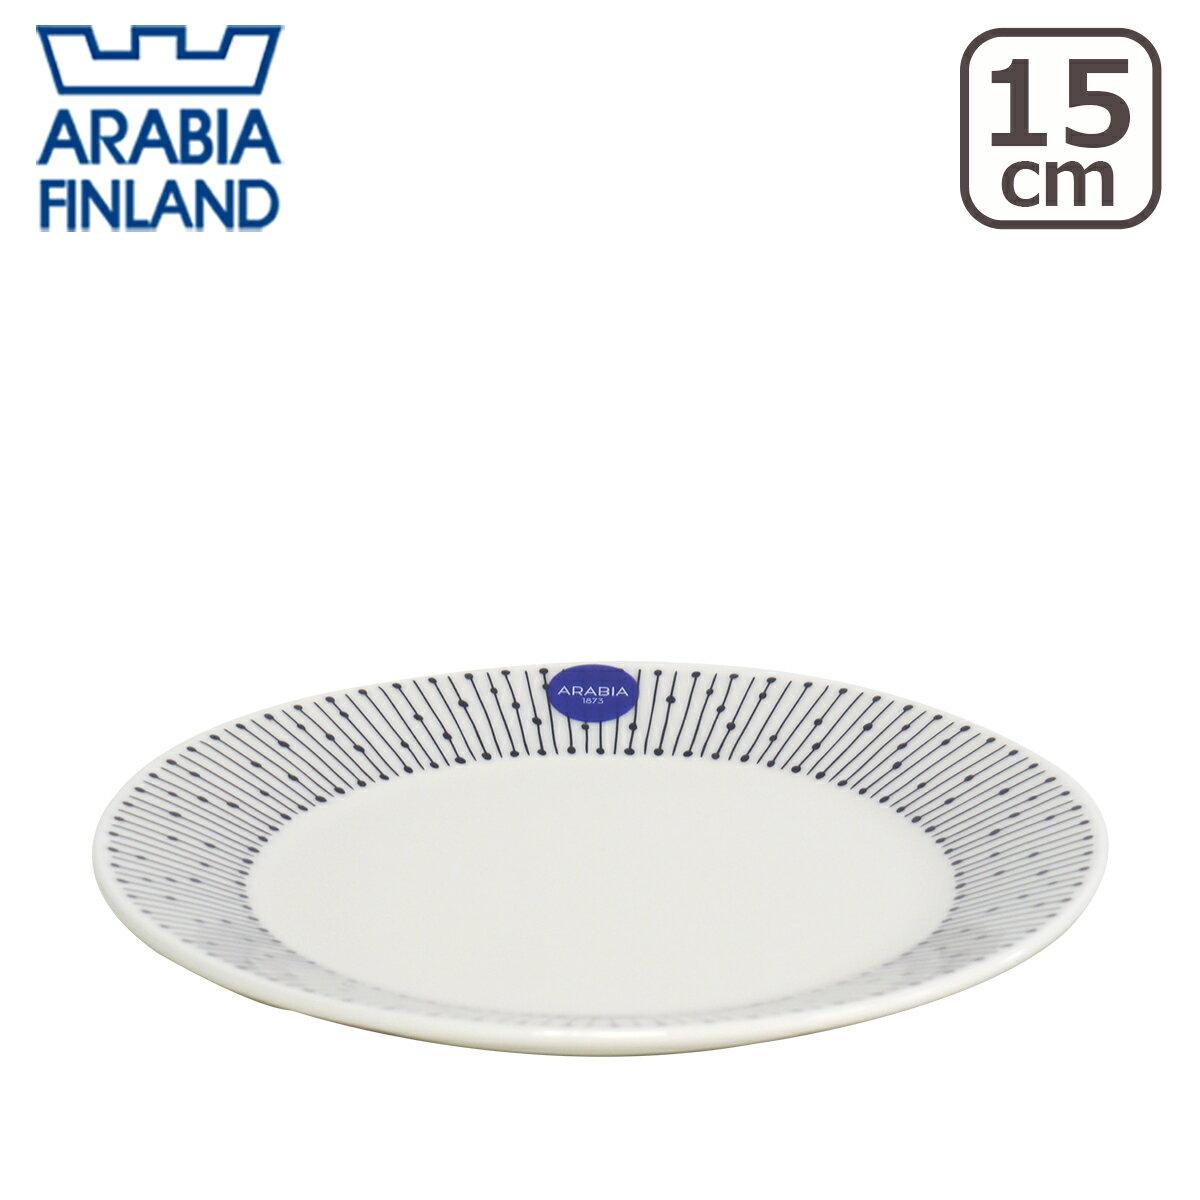 アラビア(Arabia) マイニオ(Mainio) SARASTUS プレート15cm 北欧 フィンランド 食器 Arabia 食器洗い機 対応